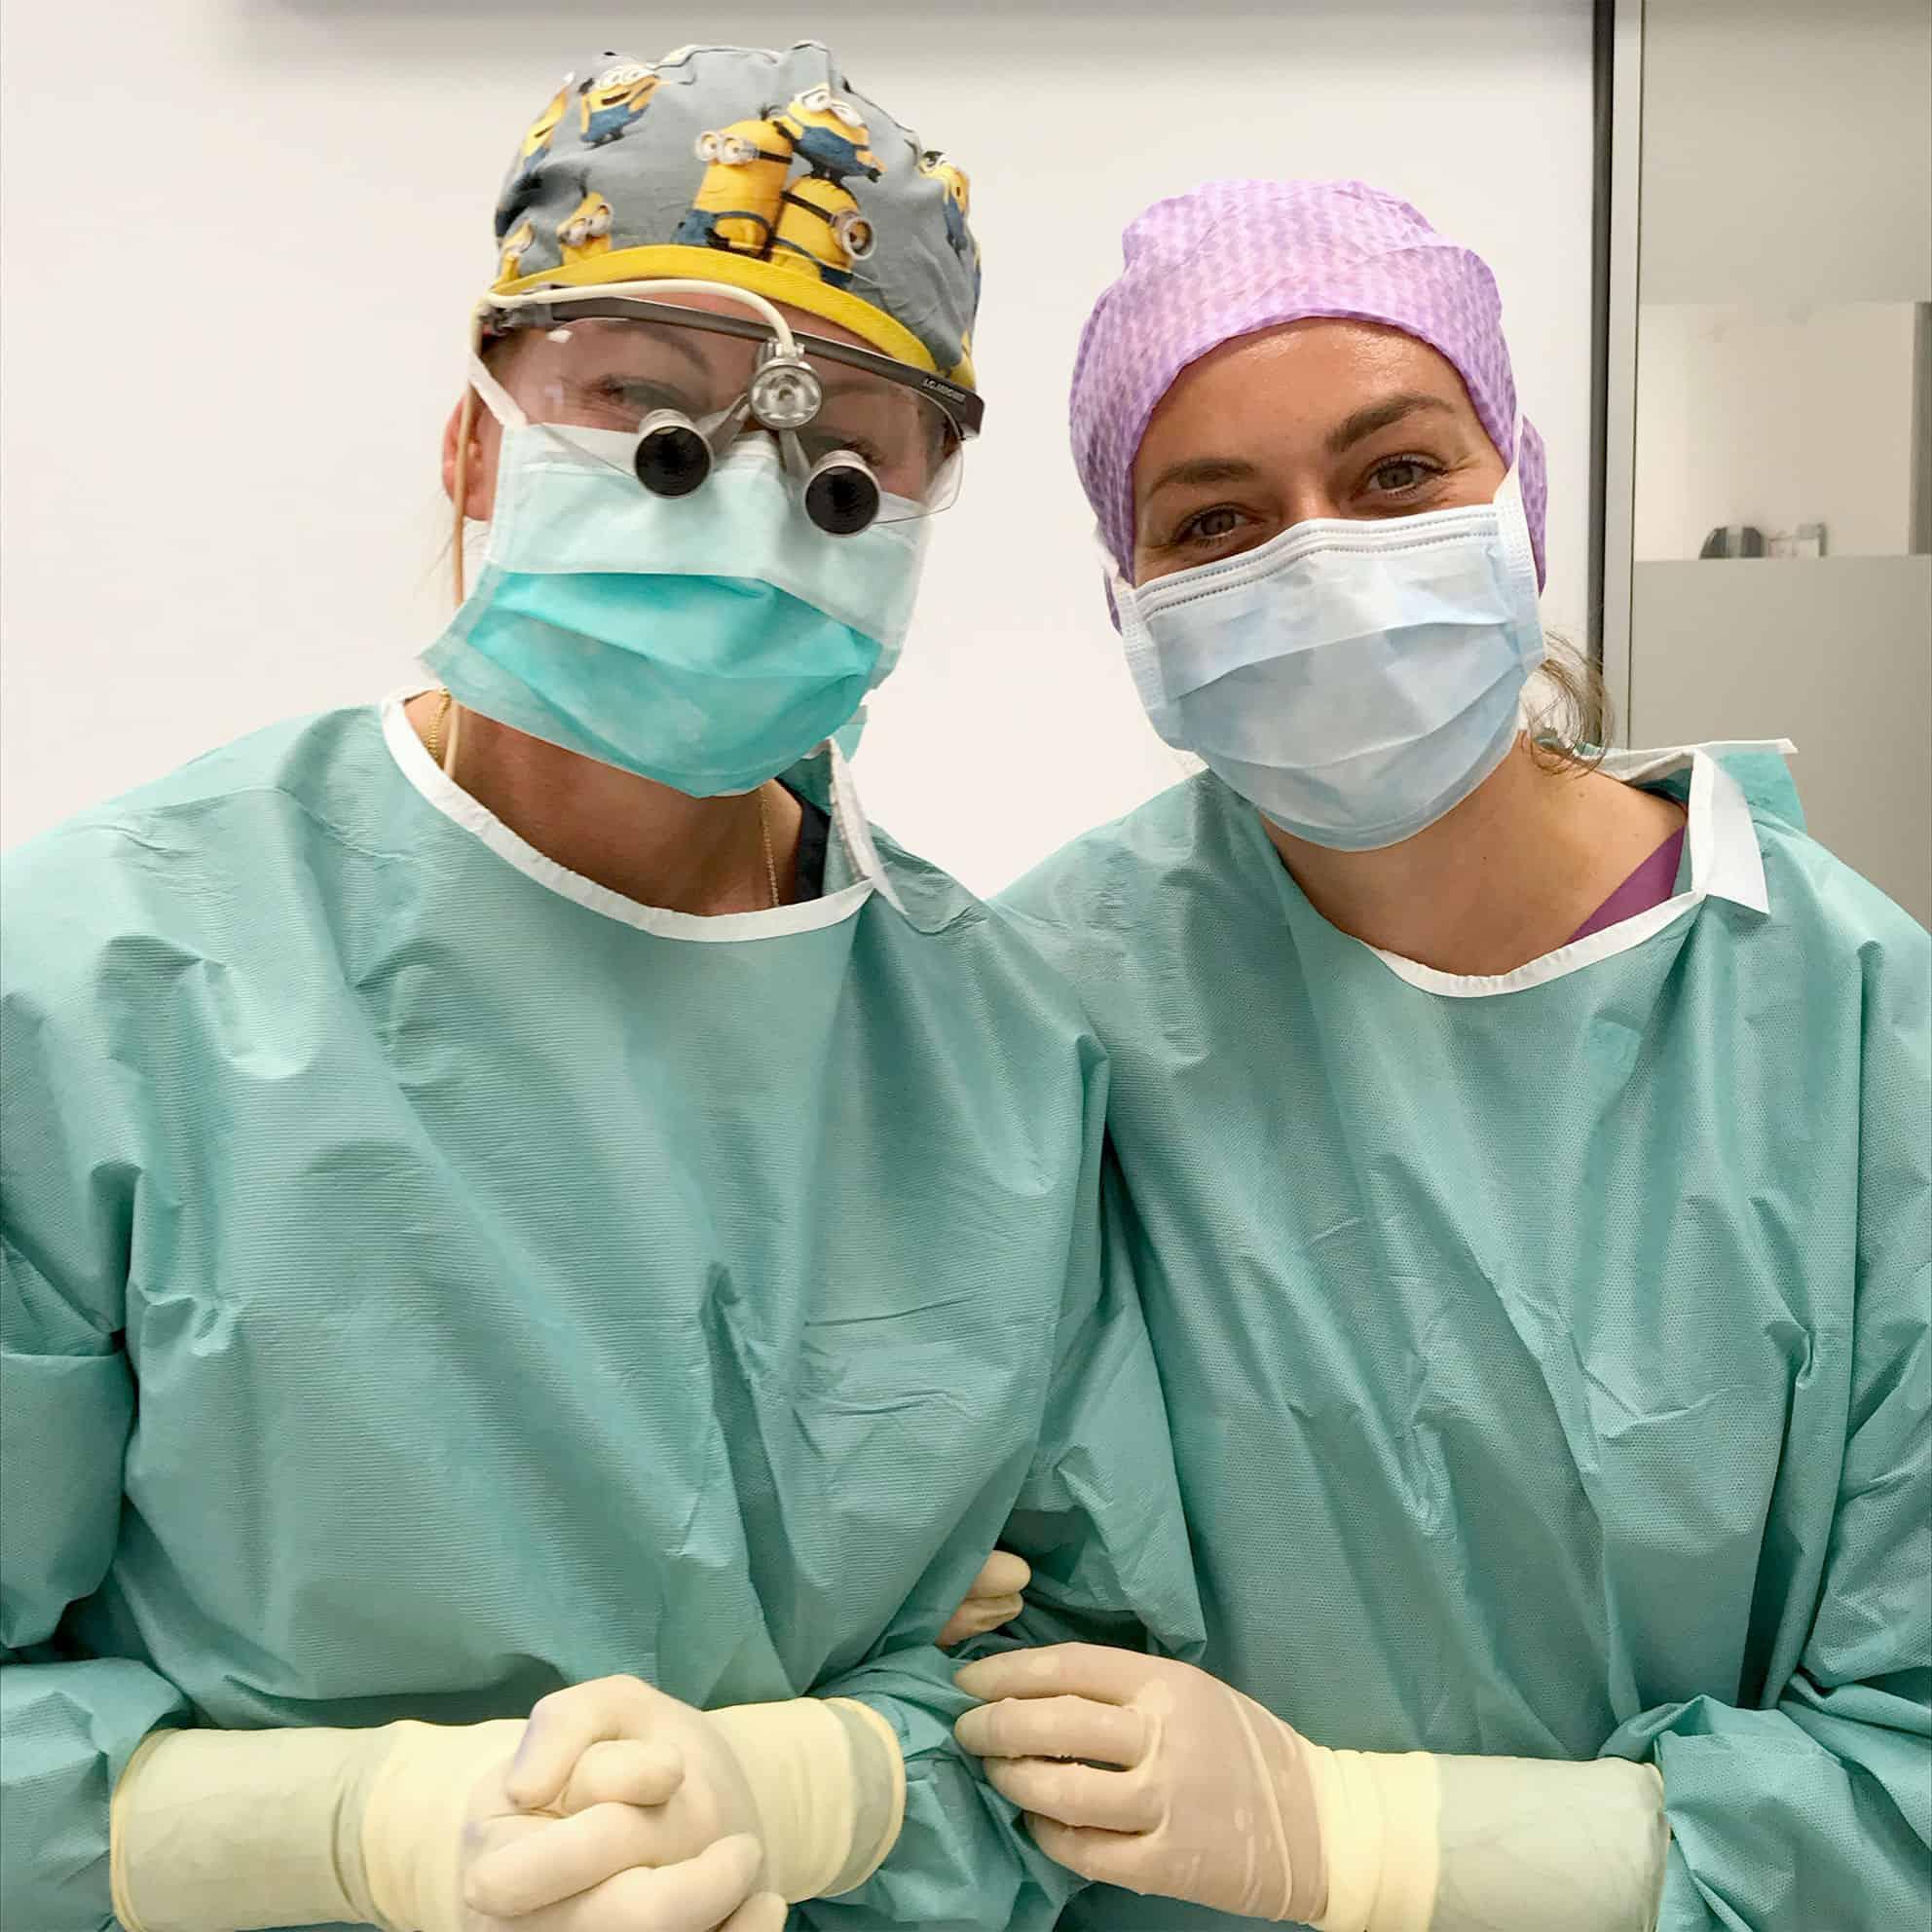 Eine komplett weibliche Behandlung von der ersten Beratung über die Intervention bzw. Operation inklusive der Narkoseärztin bis hin zur Nachsorge